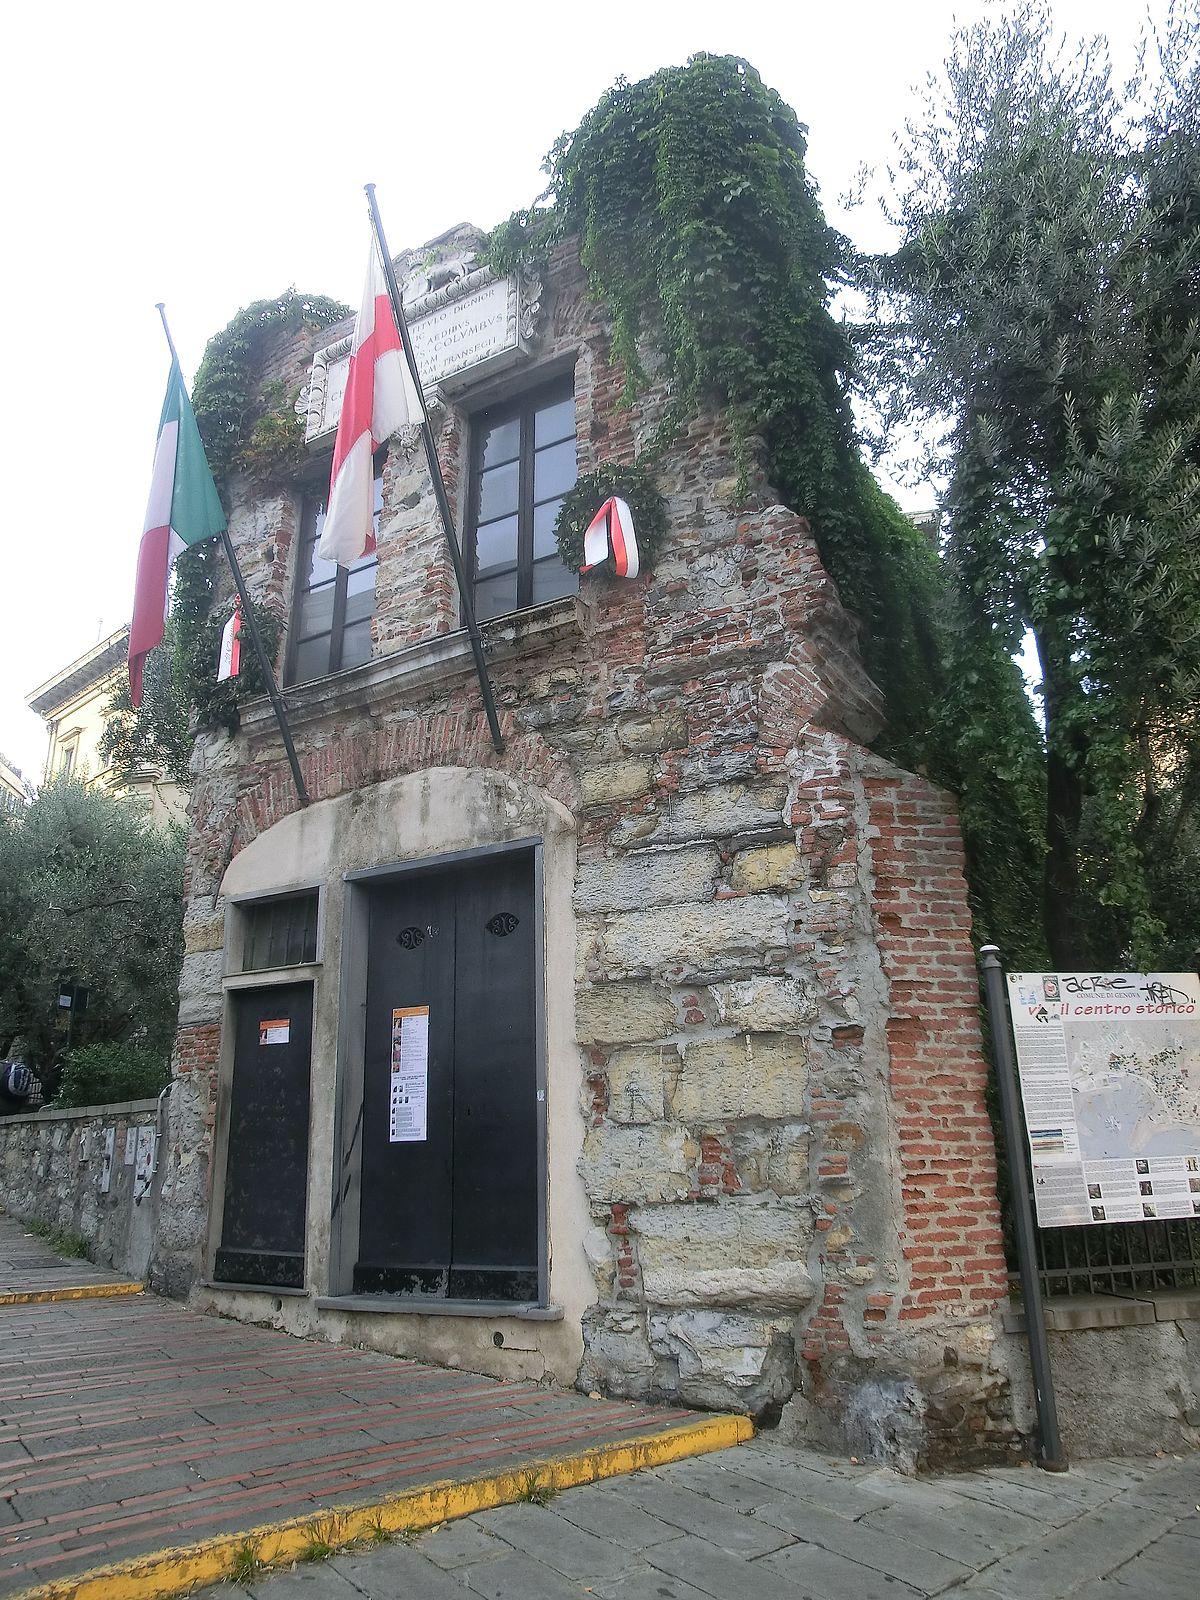 Casa di cristoforo colombo genova wikipedia for Immagini di casa